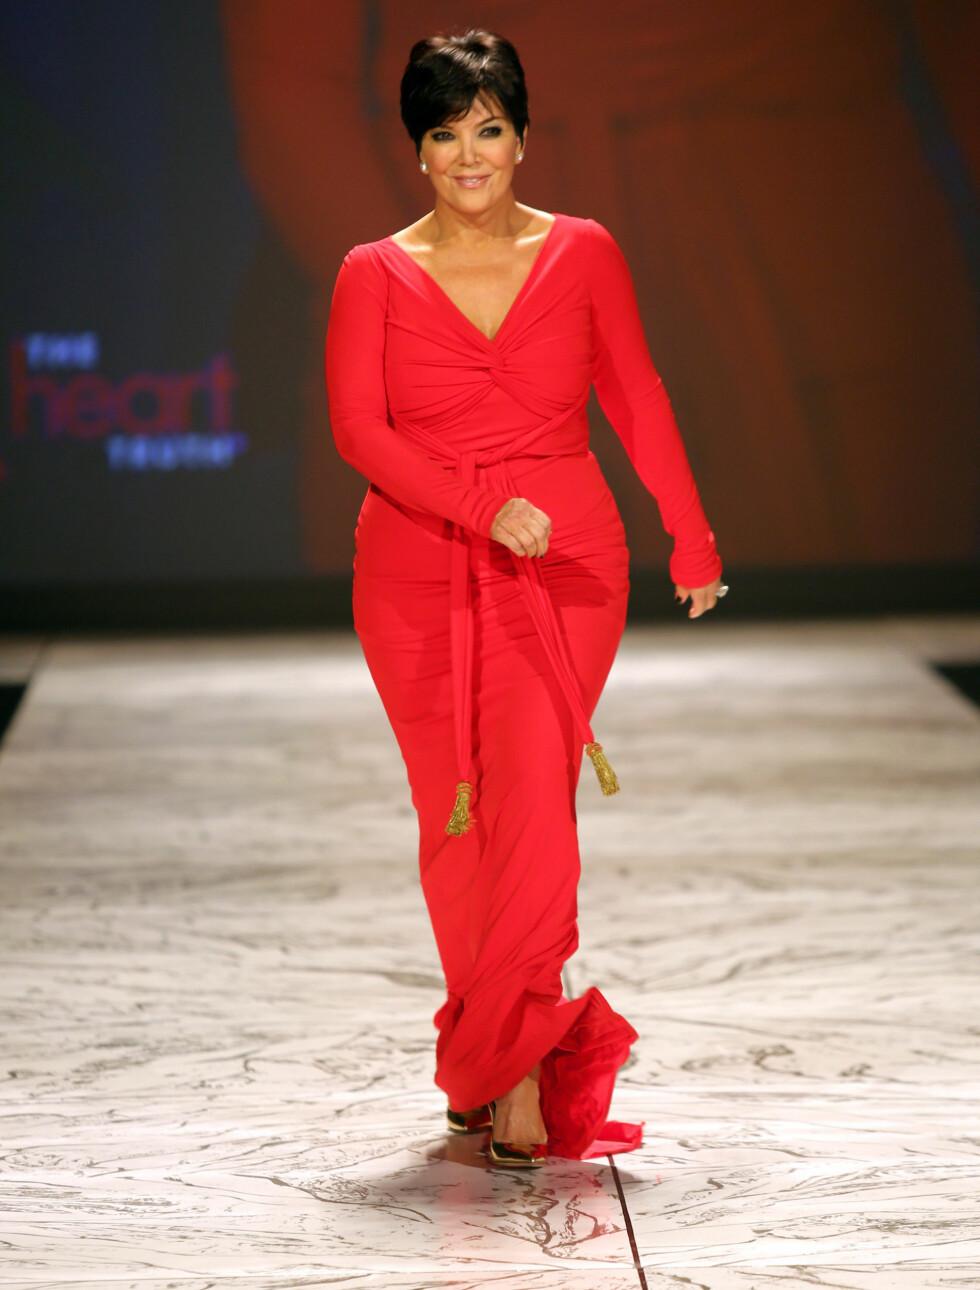 MAMMA OGSÅ: Kris Jenner, mest kjent som moren til Kim Kardashian, viste frem formene i en kjole fra Badgley Mischka. Foto: All Over Press